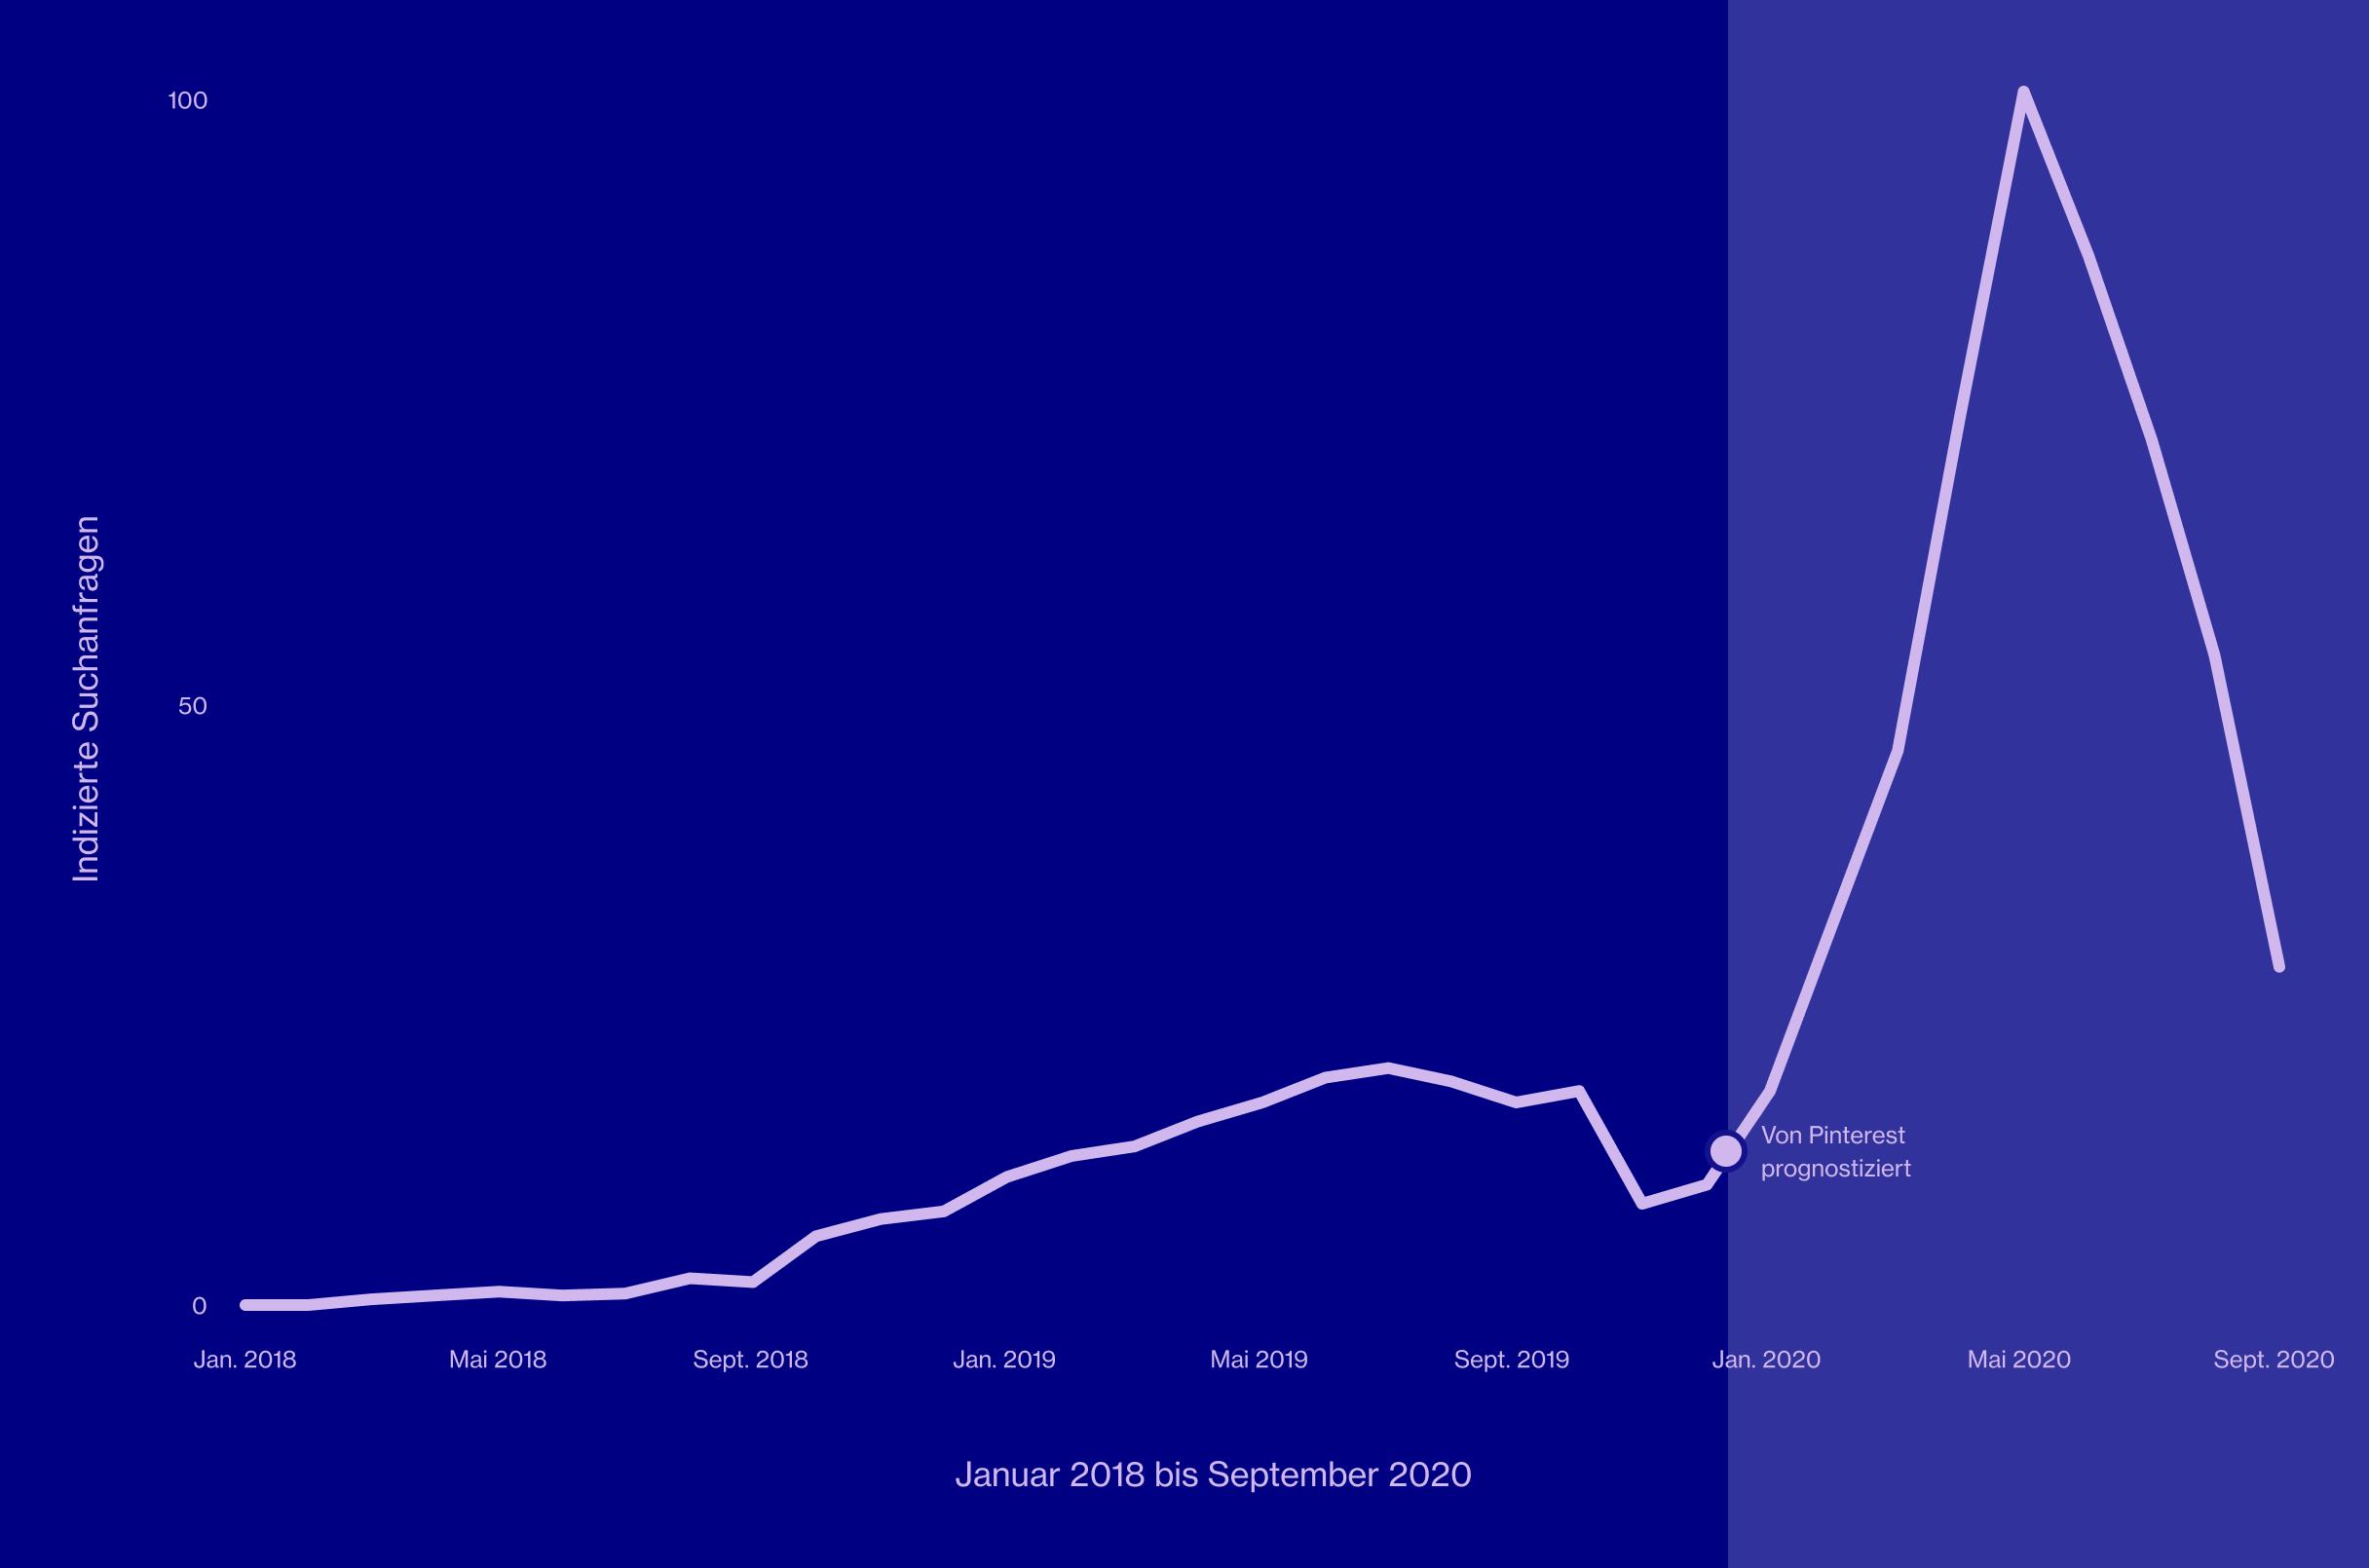 """Ein Liniendiagramm, das die indexierten Suchanfragen nach """"Outdoor-Küchenbar"""" von Januar2018 bis September2020 zeigt"""